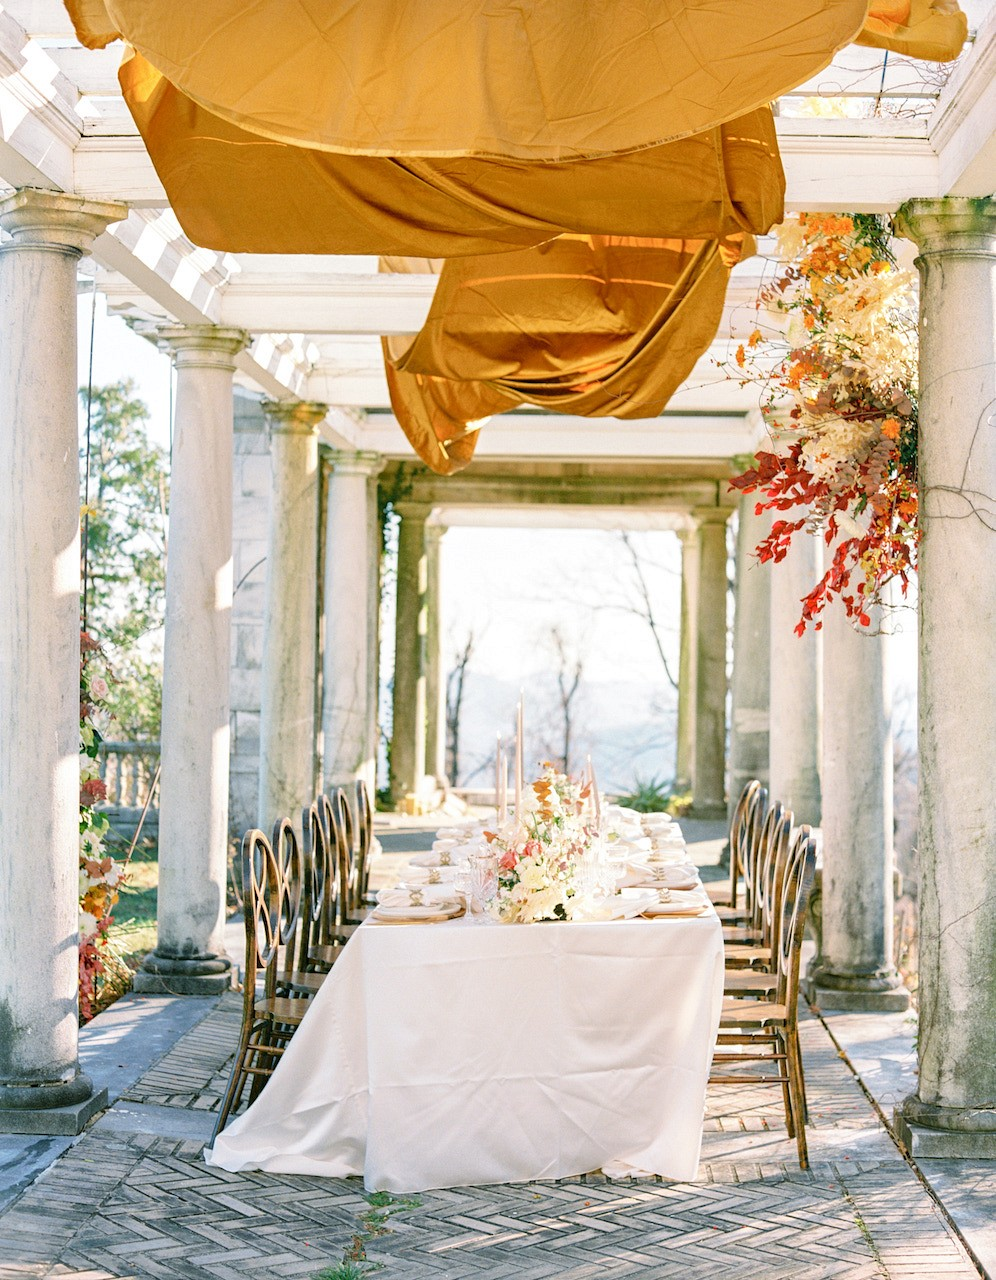 Autumnal Grandeur with Ochre & Golden Tones